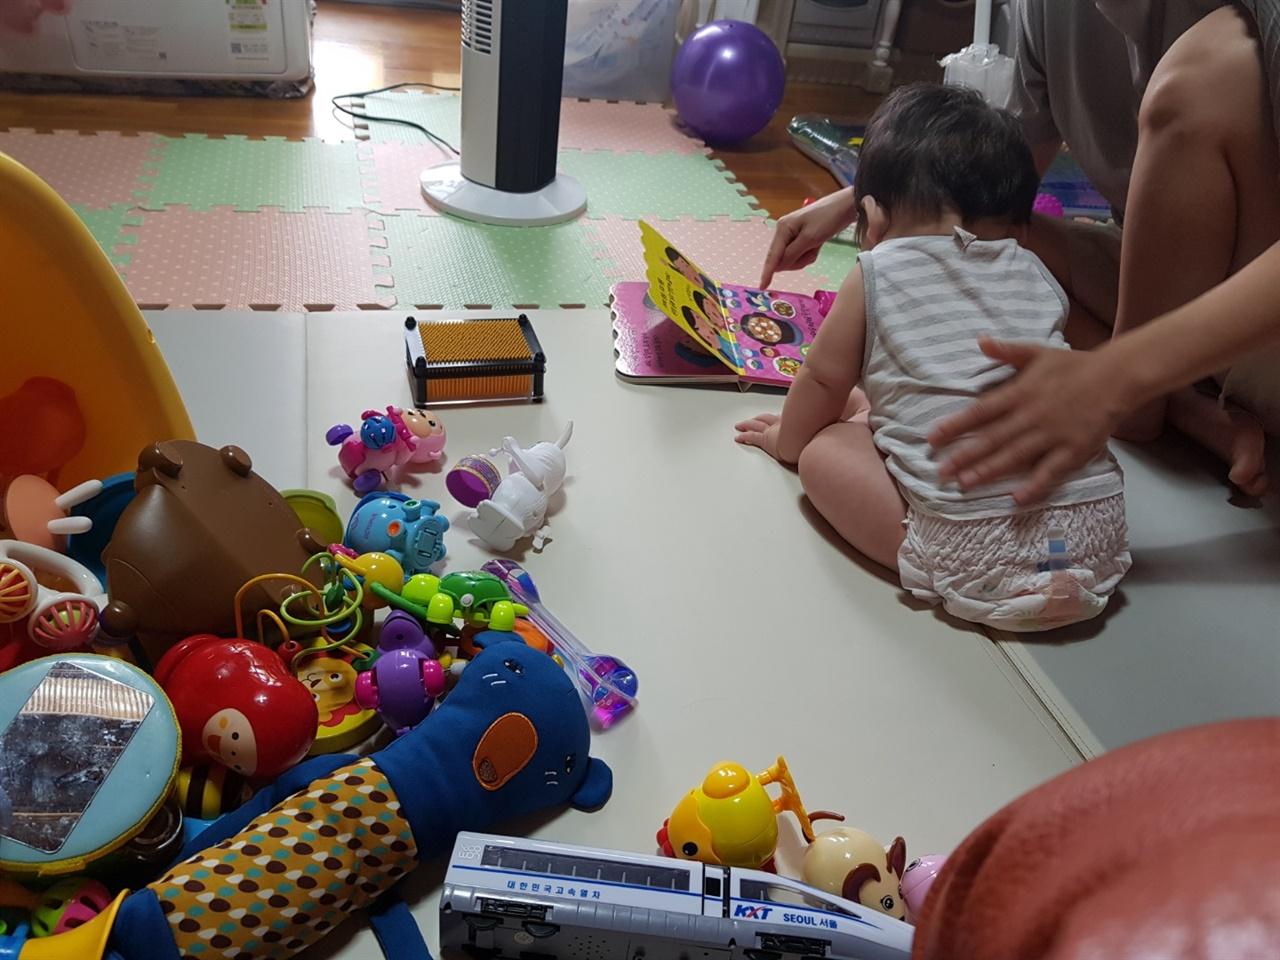 아기가 사운드 북을 읽고 있는 모습. 옆으로 아기의 장난감들이 보인다.